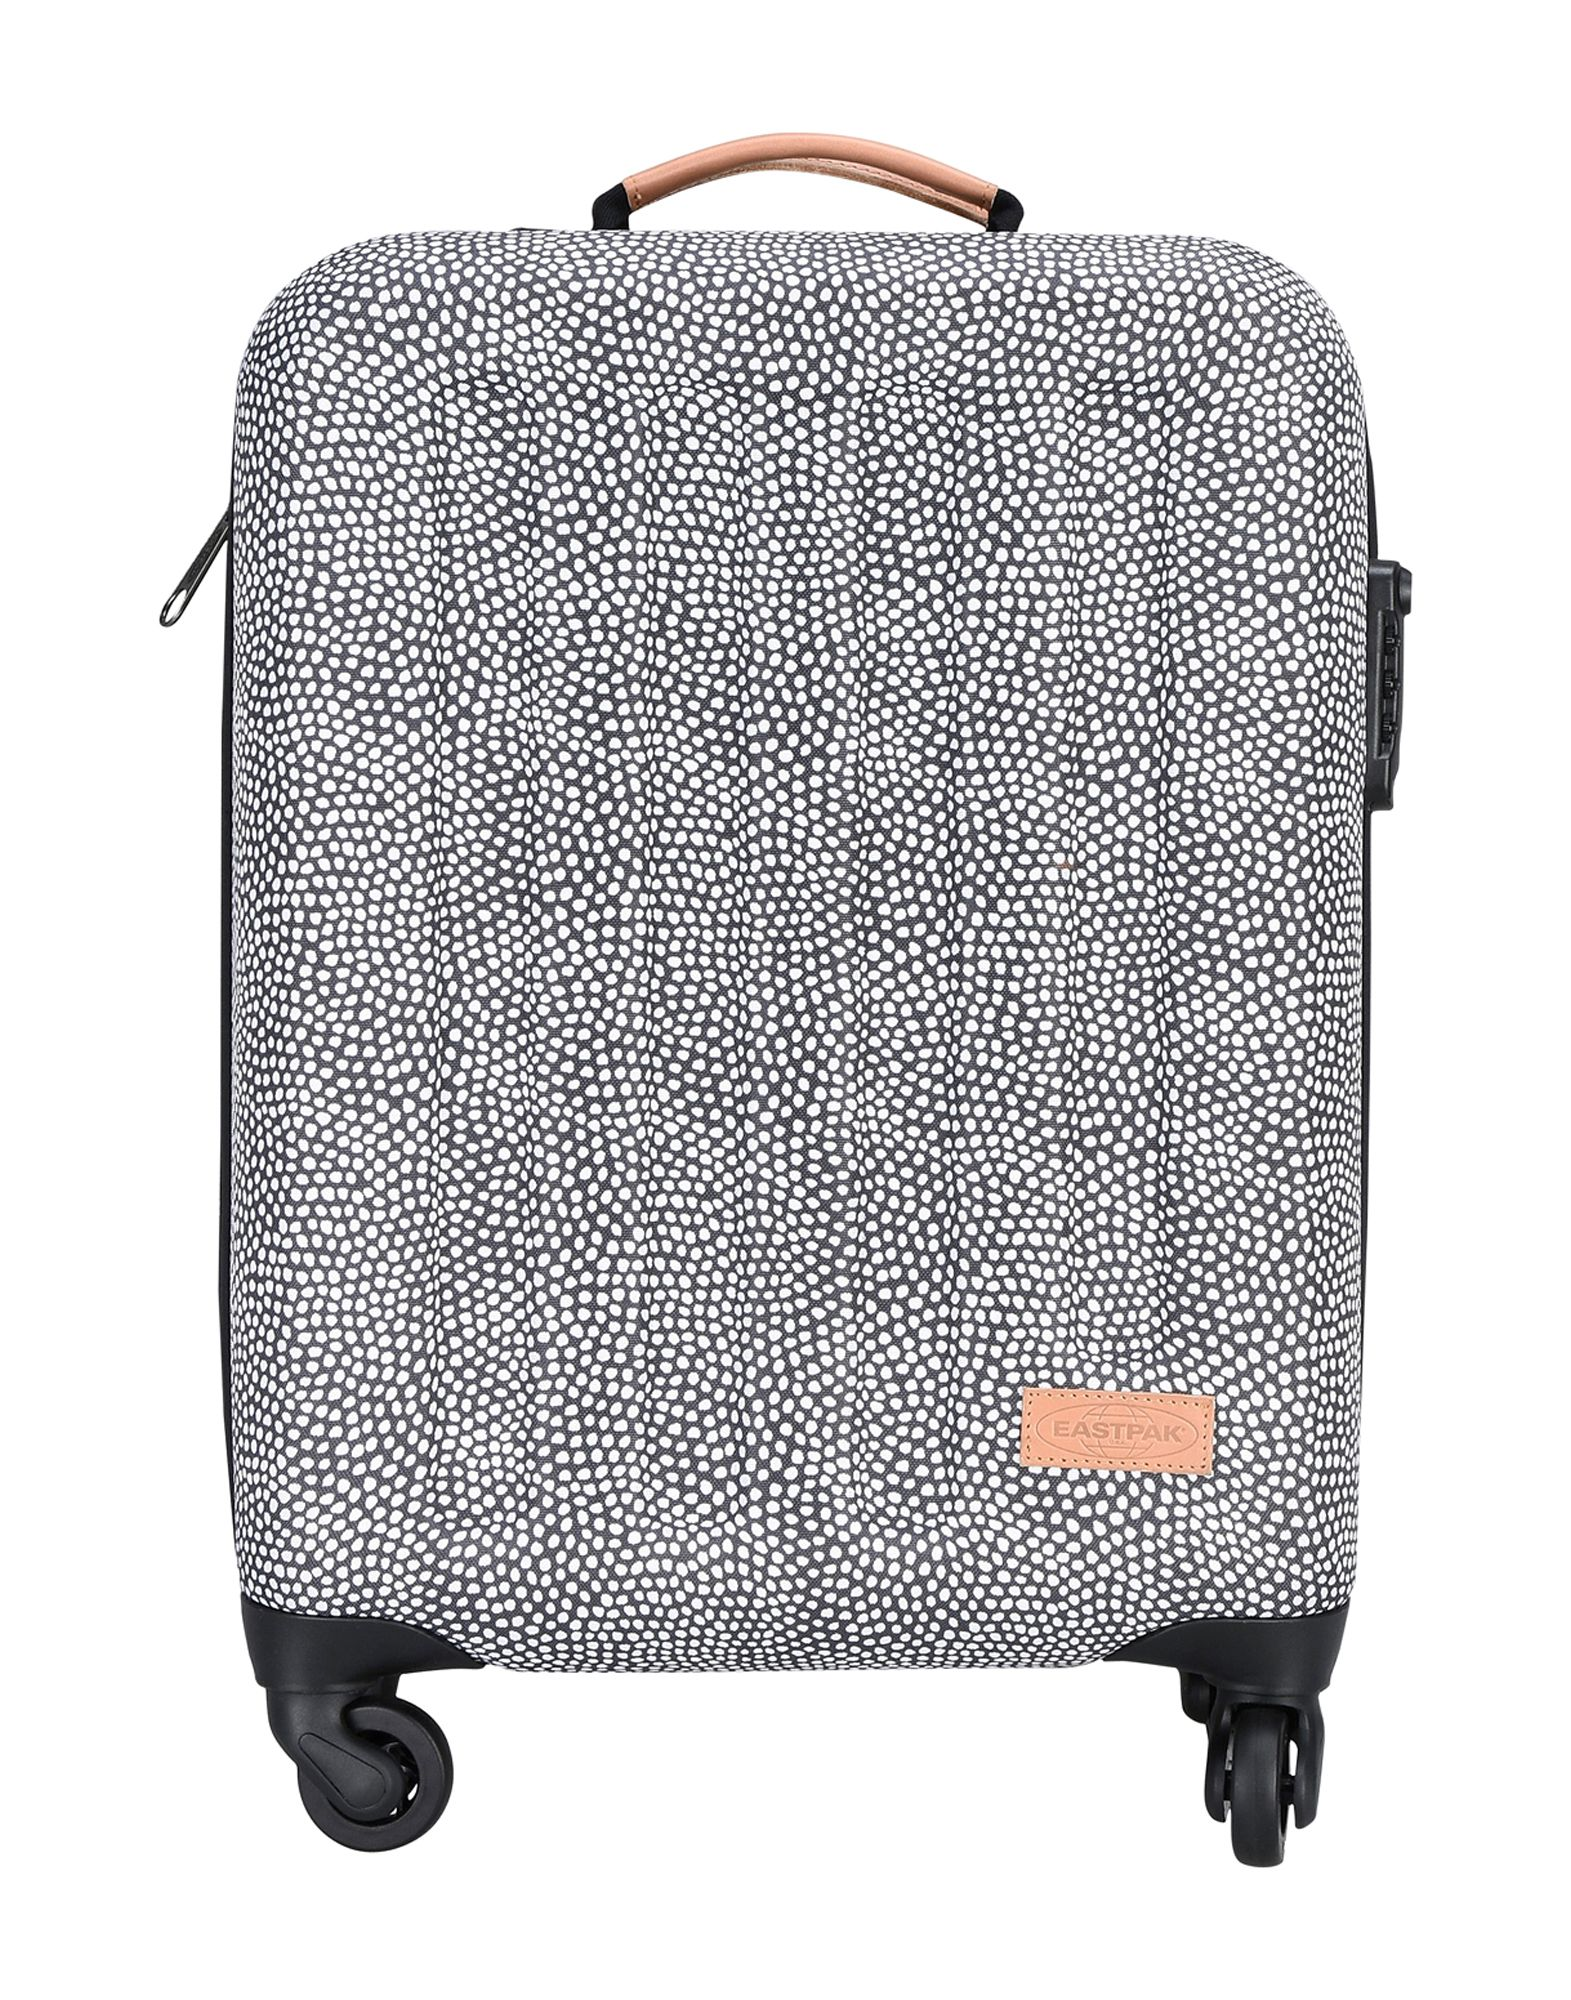 EASTPAK Чемодан/сумка на колесиках купить чемодан маленький облегченный на колесиках недорого